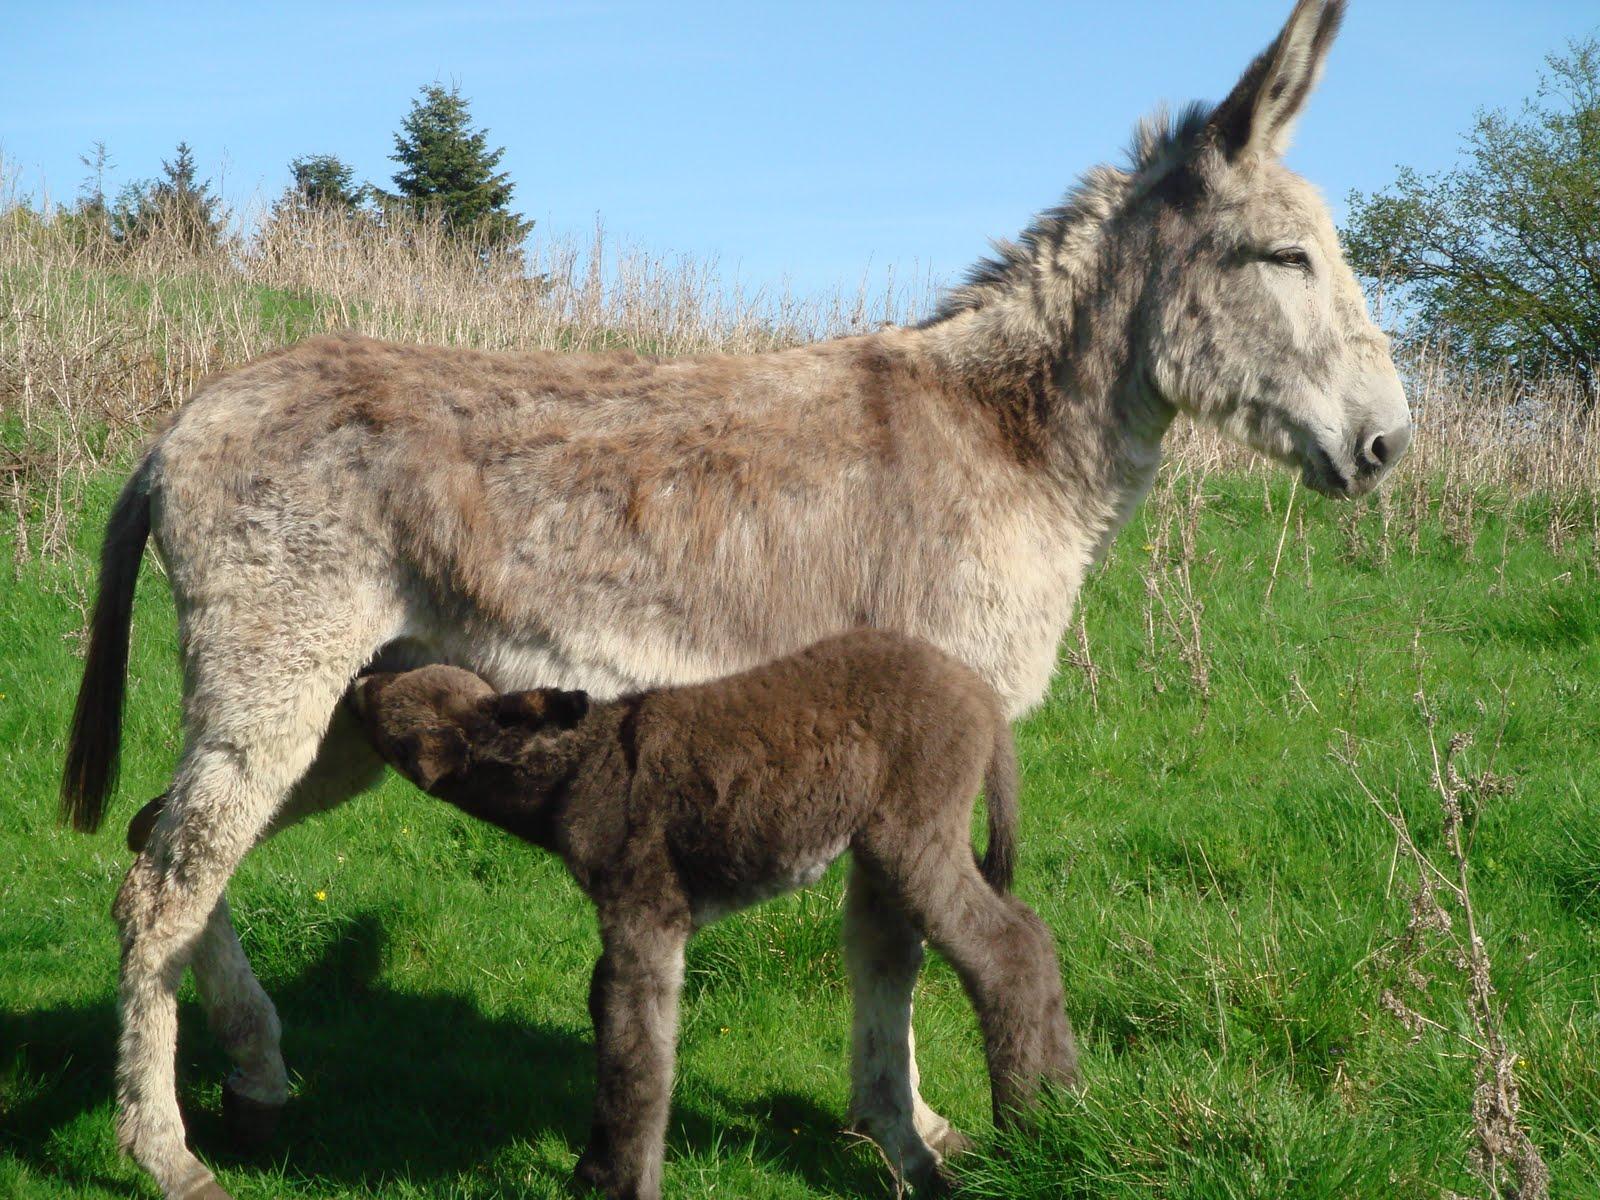 Cuckavalda Gundogs North Yorkshire Baby Donkey